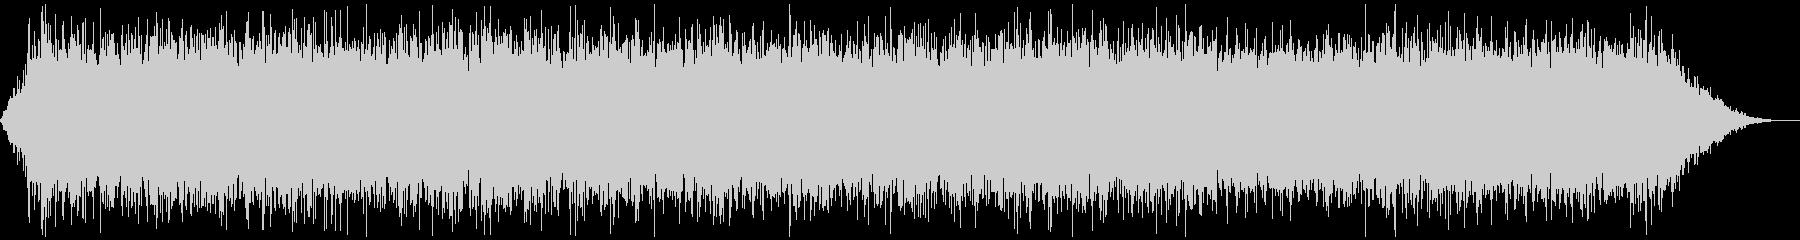 ホラー・怪談用の不気味な効果音2の未再生の波形